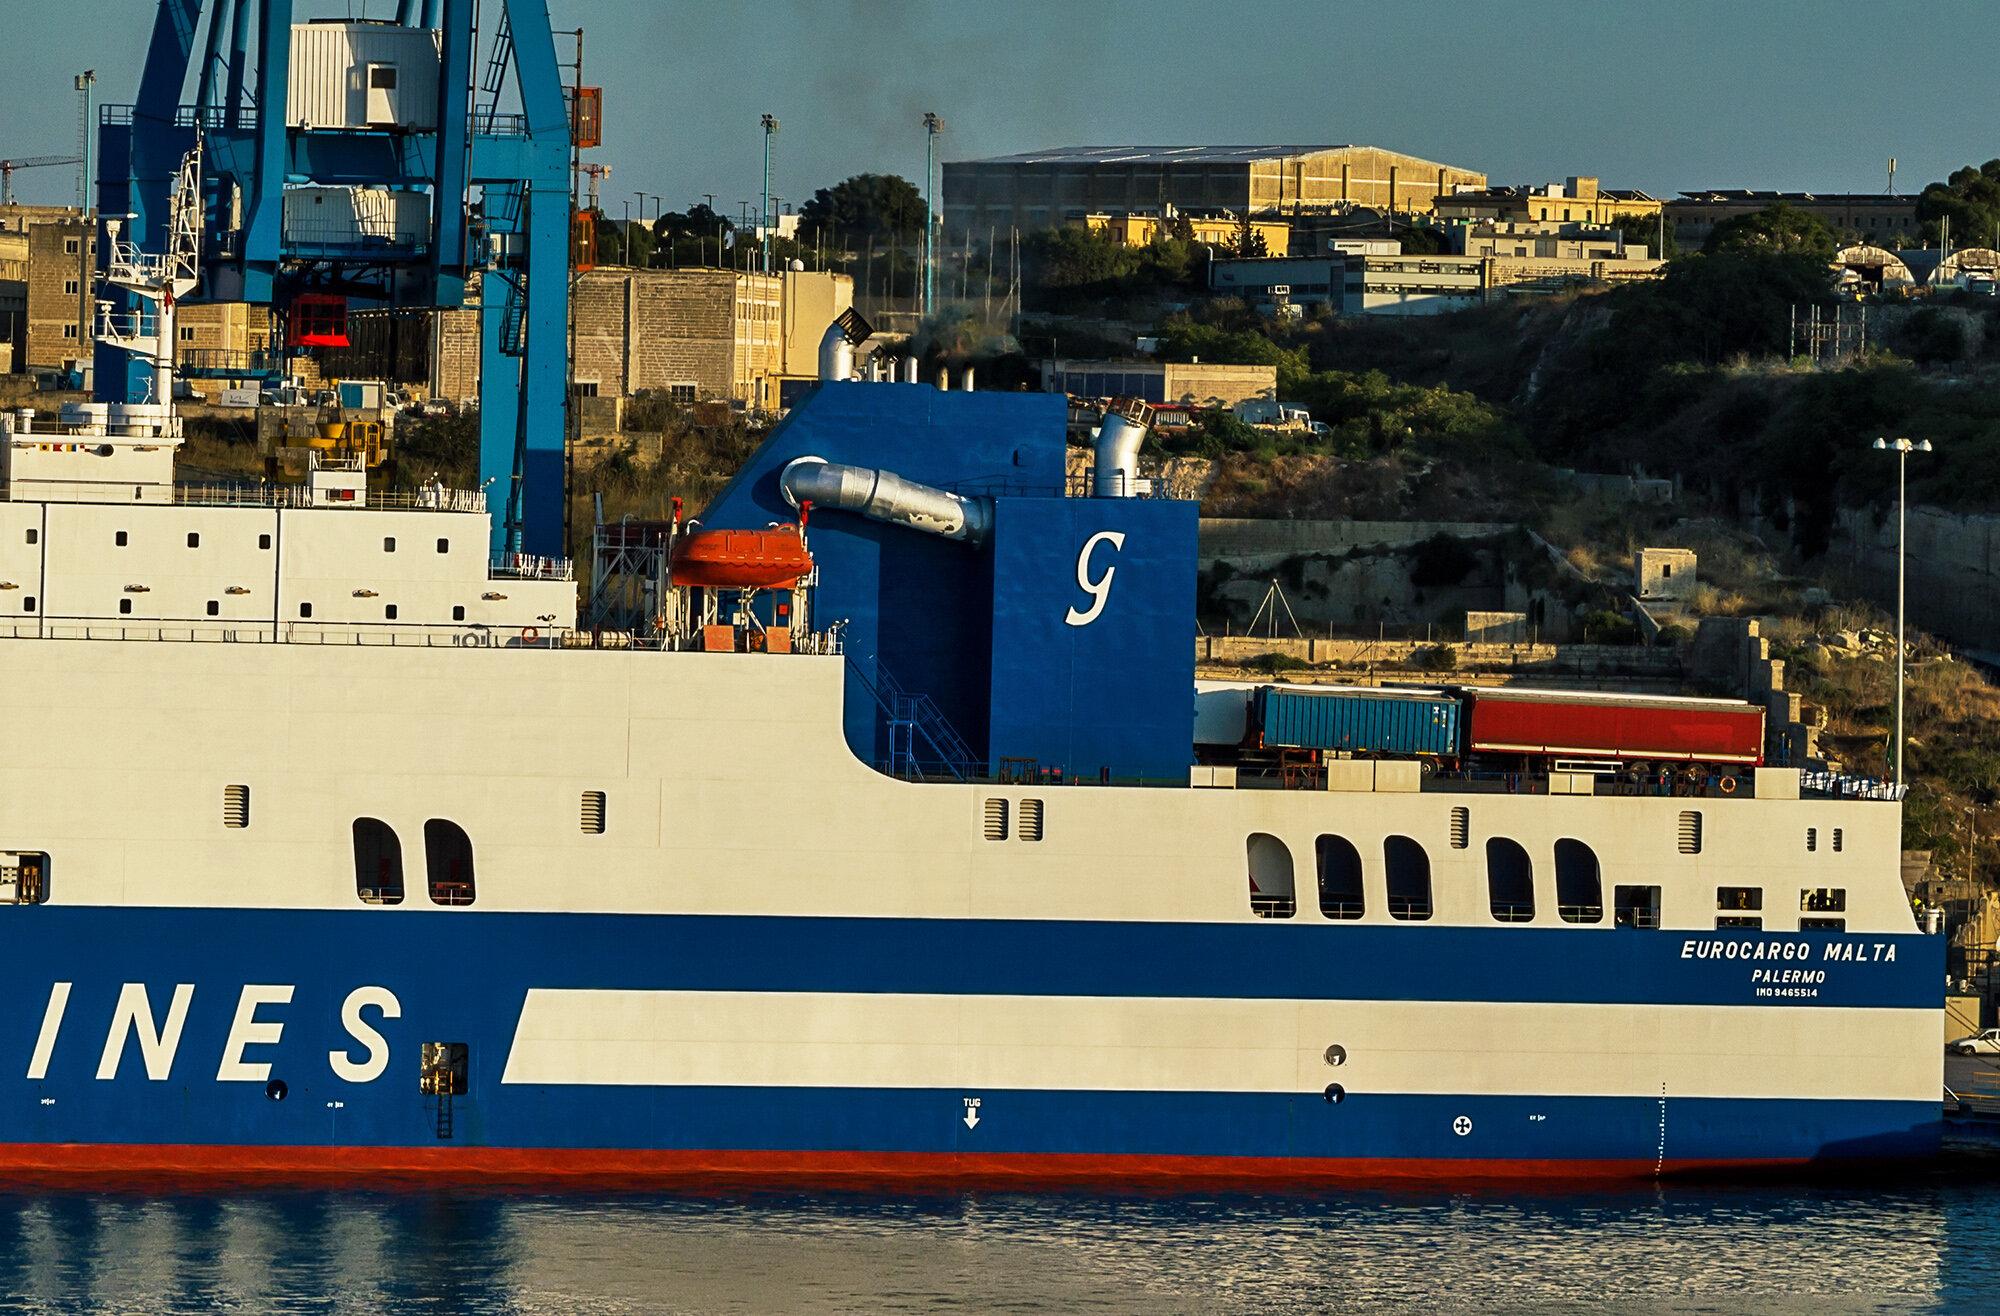 Eurocargo Malta Funnel